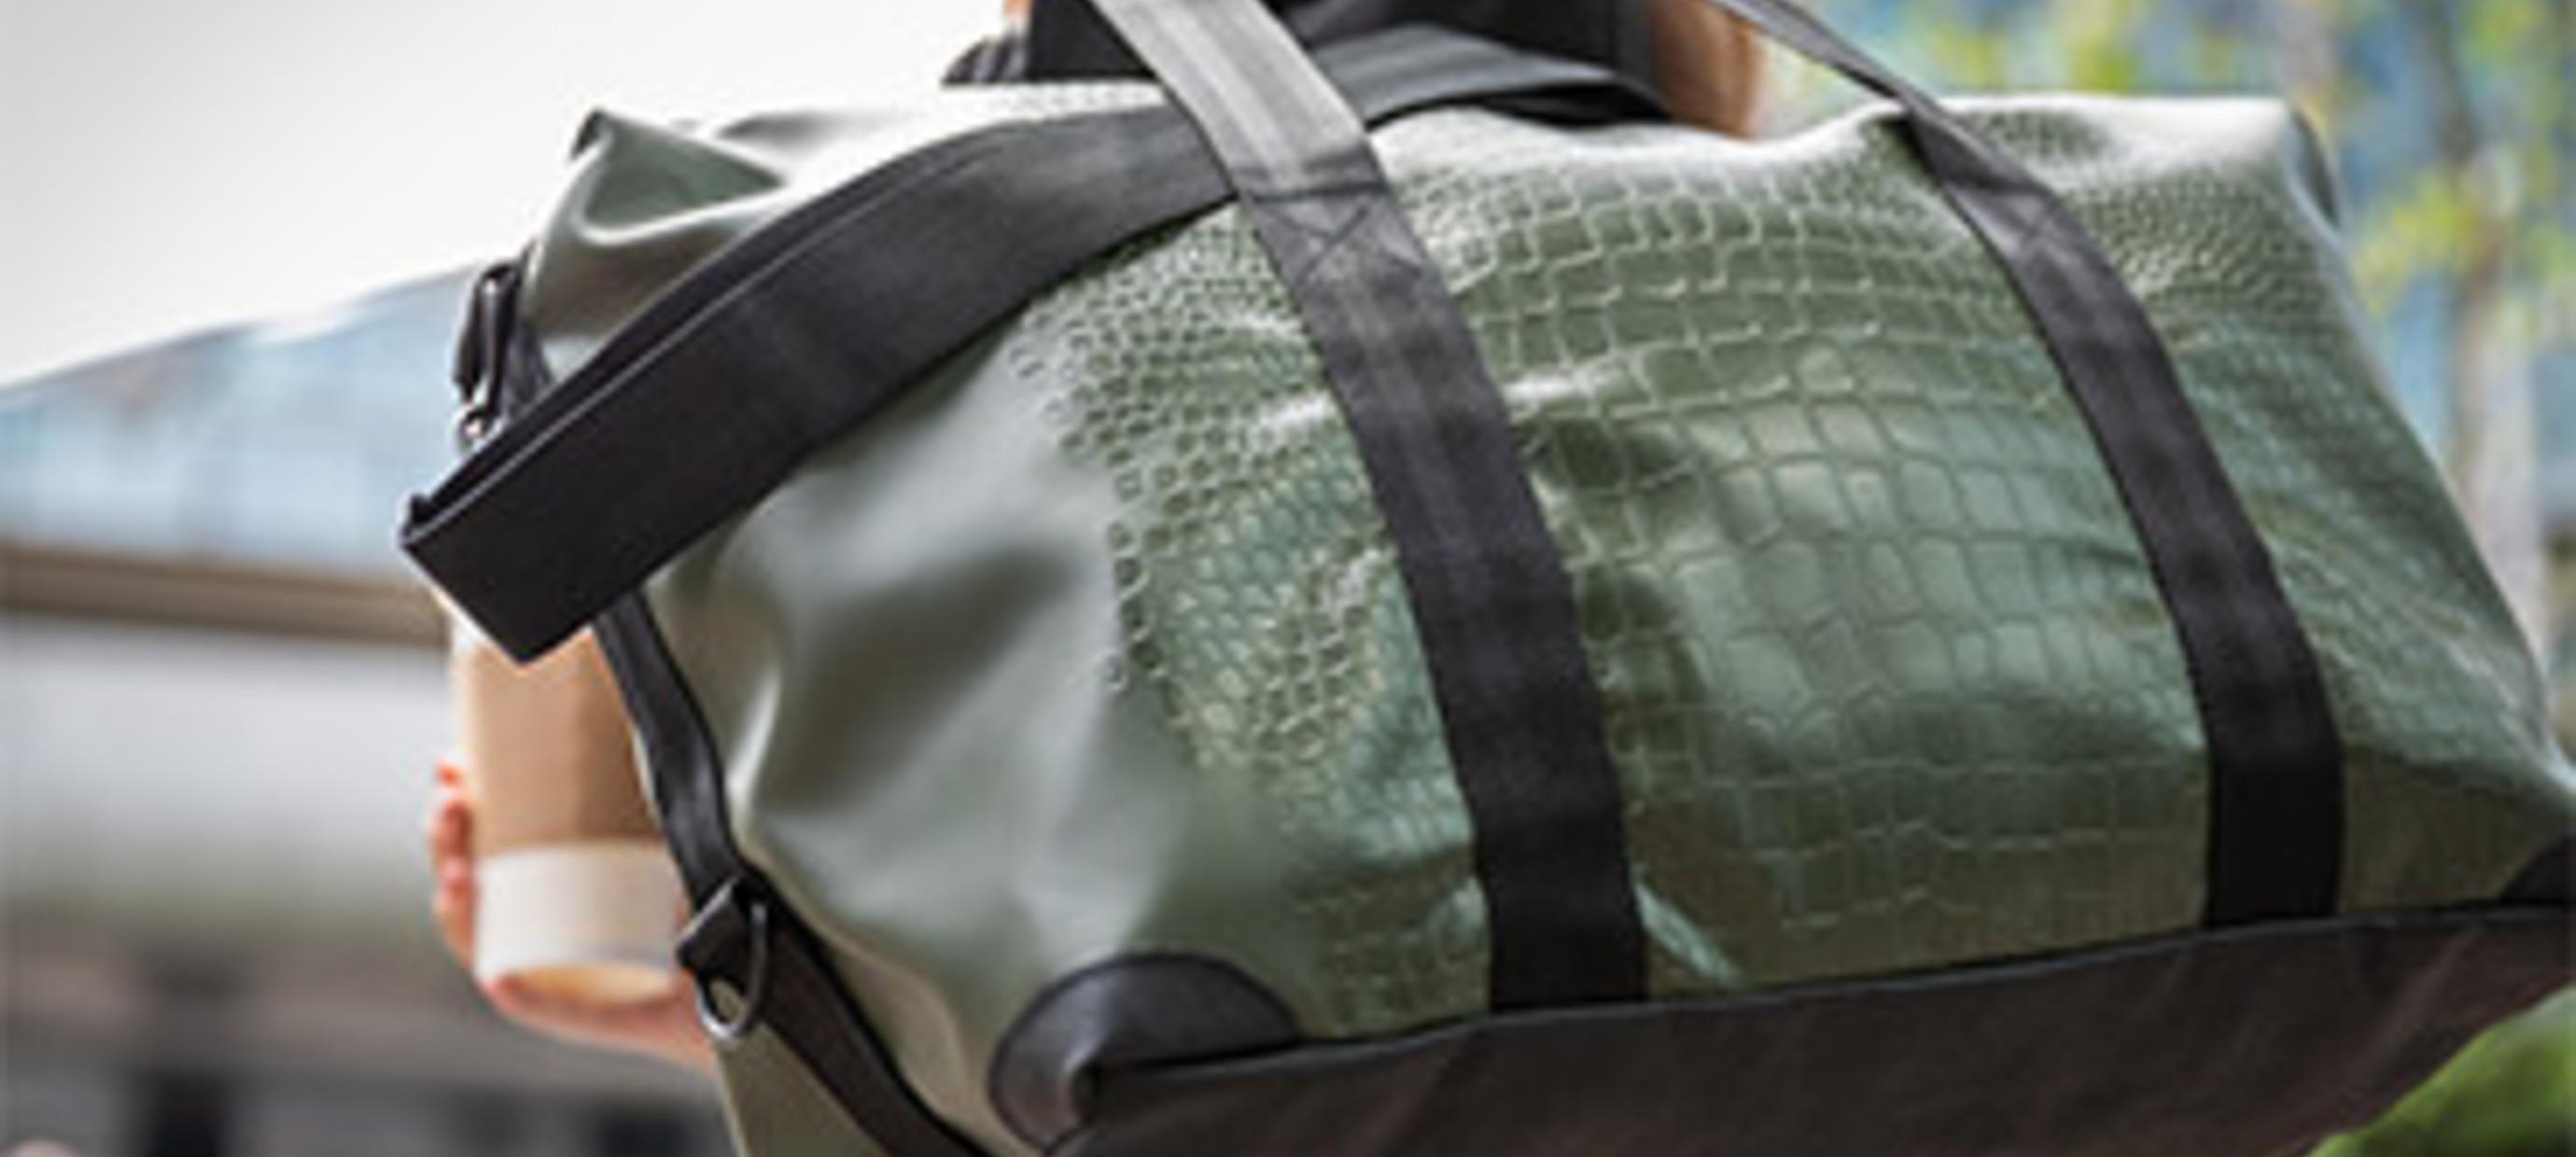 Handbagage altijd mee in het vliegtuig?